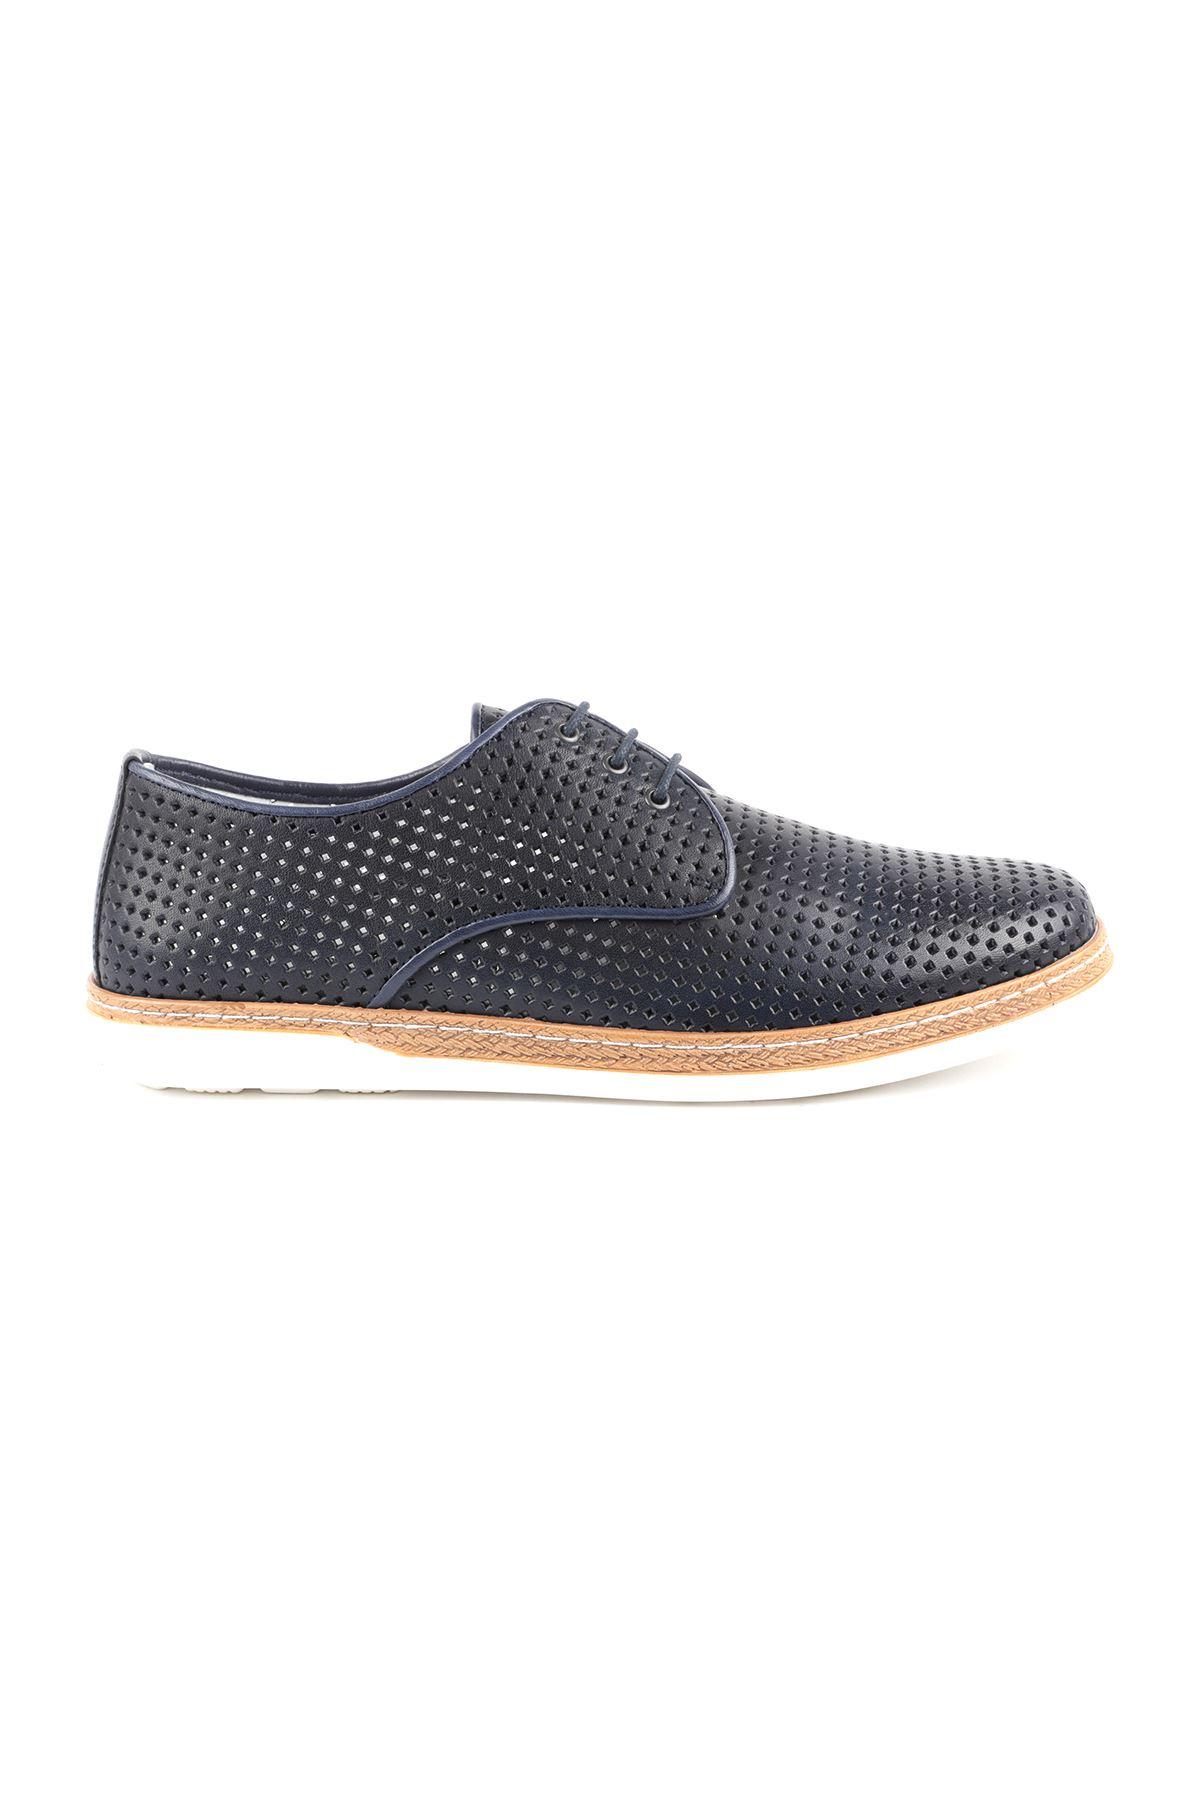 Libero L3609 Navy Blue Casual Men Shoes